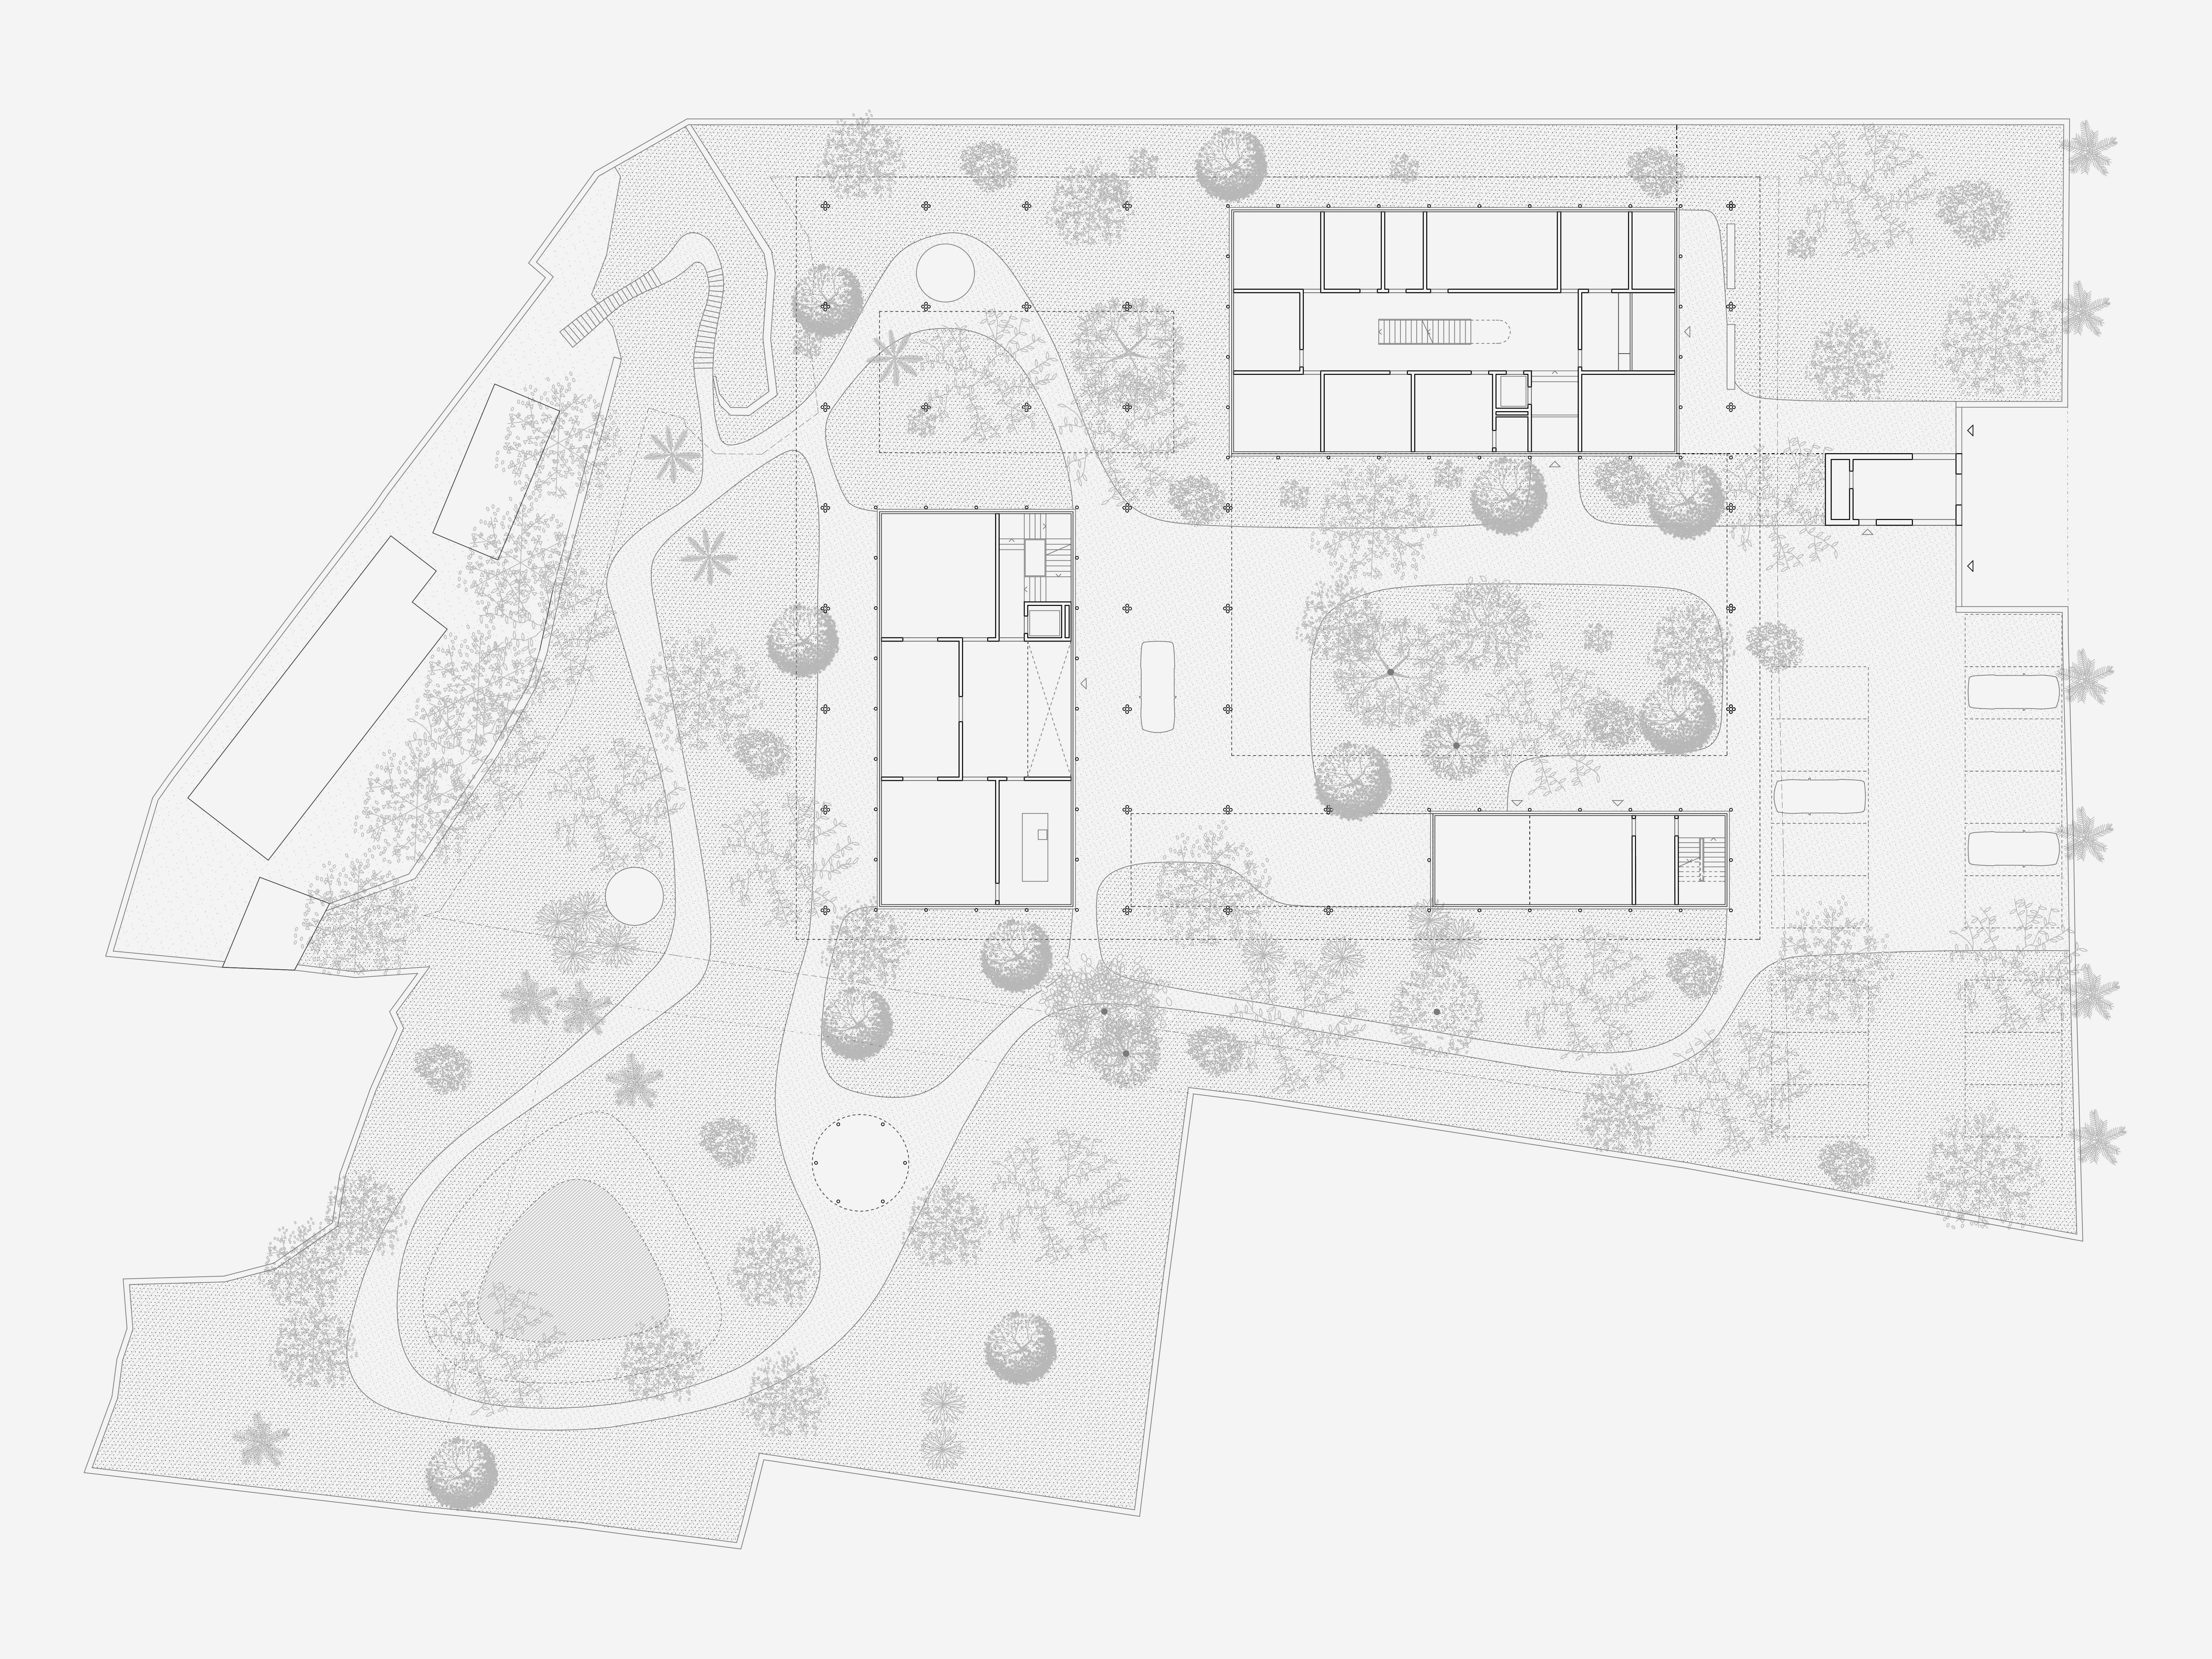 Neubau Schweizerische Botschaft Addis Abeba: Gartenniveau